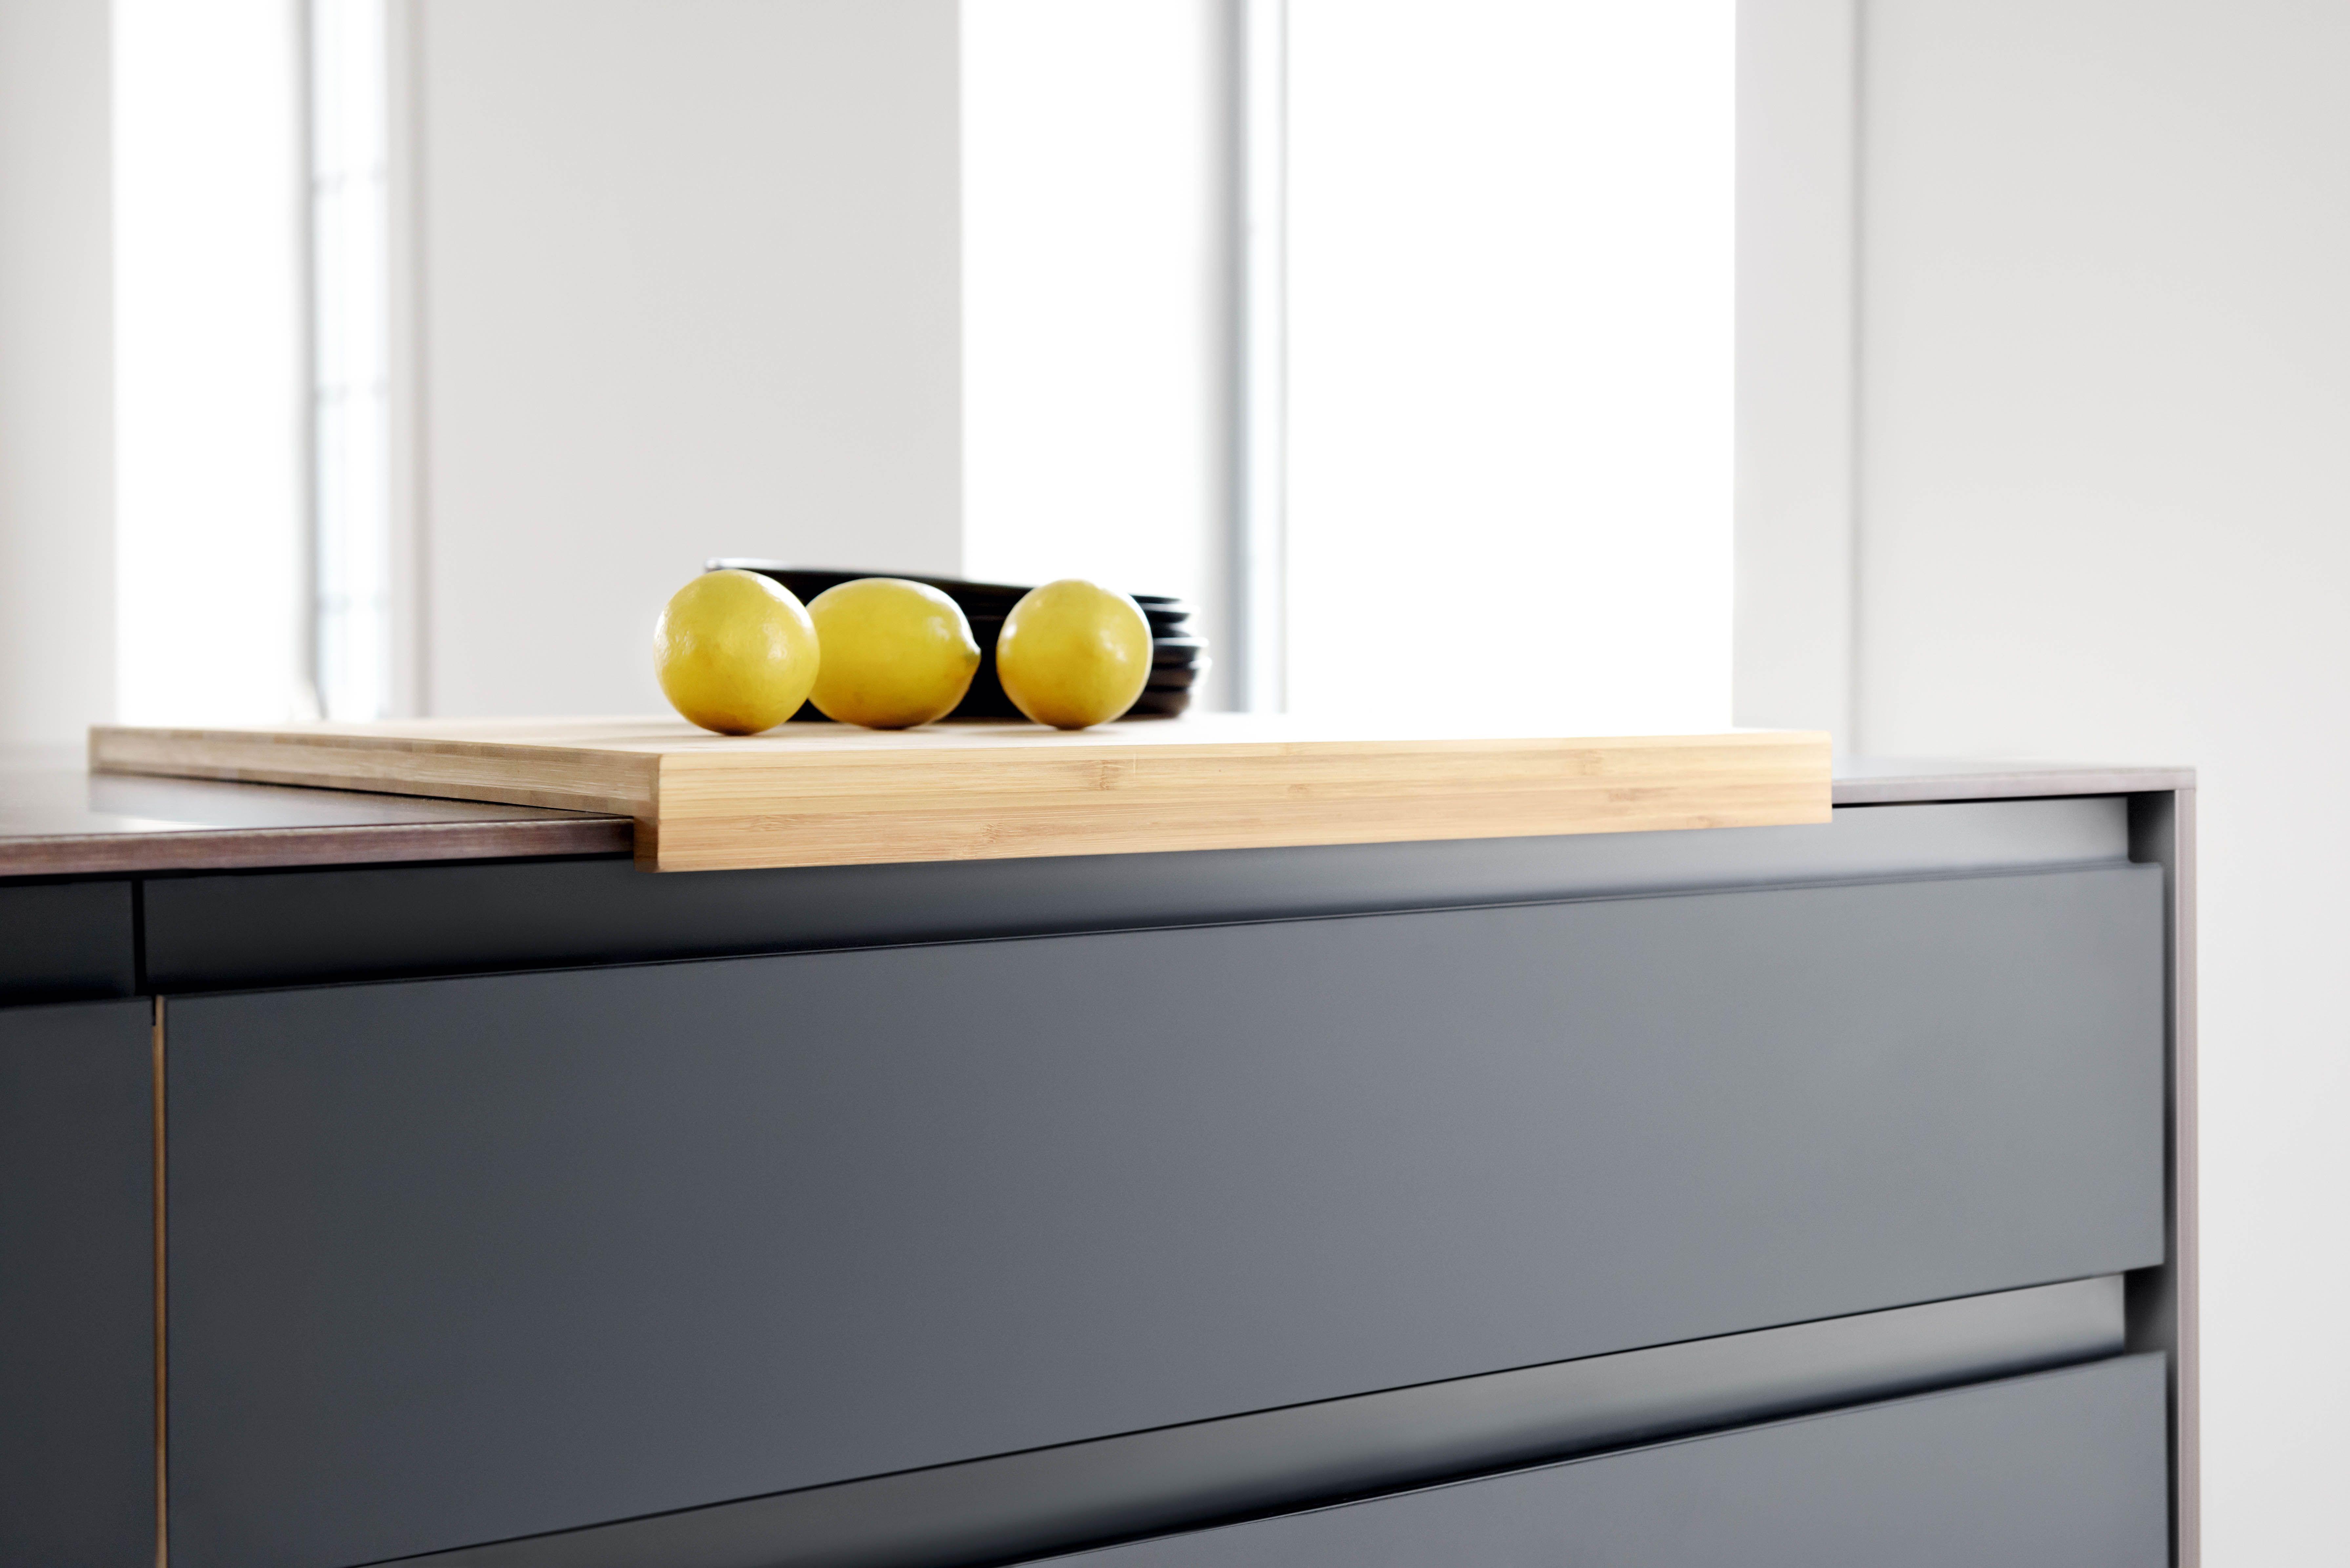 Wir designen Fronten für Ikea Küchen. Design Klar_Linje ...